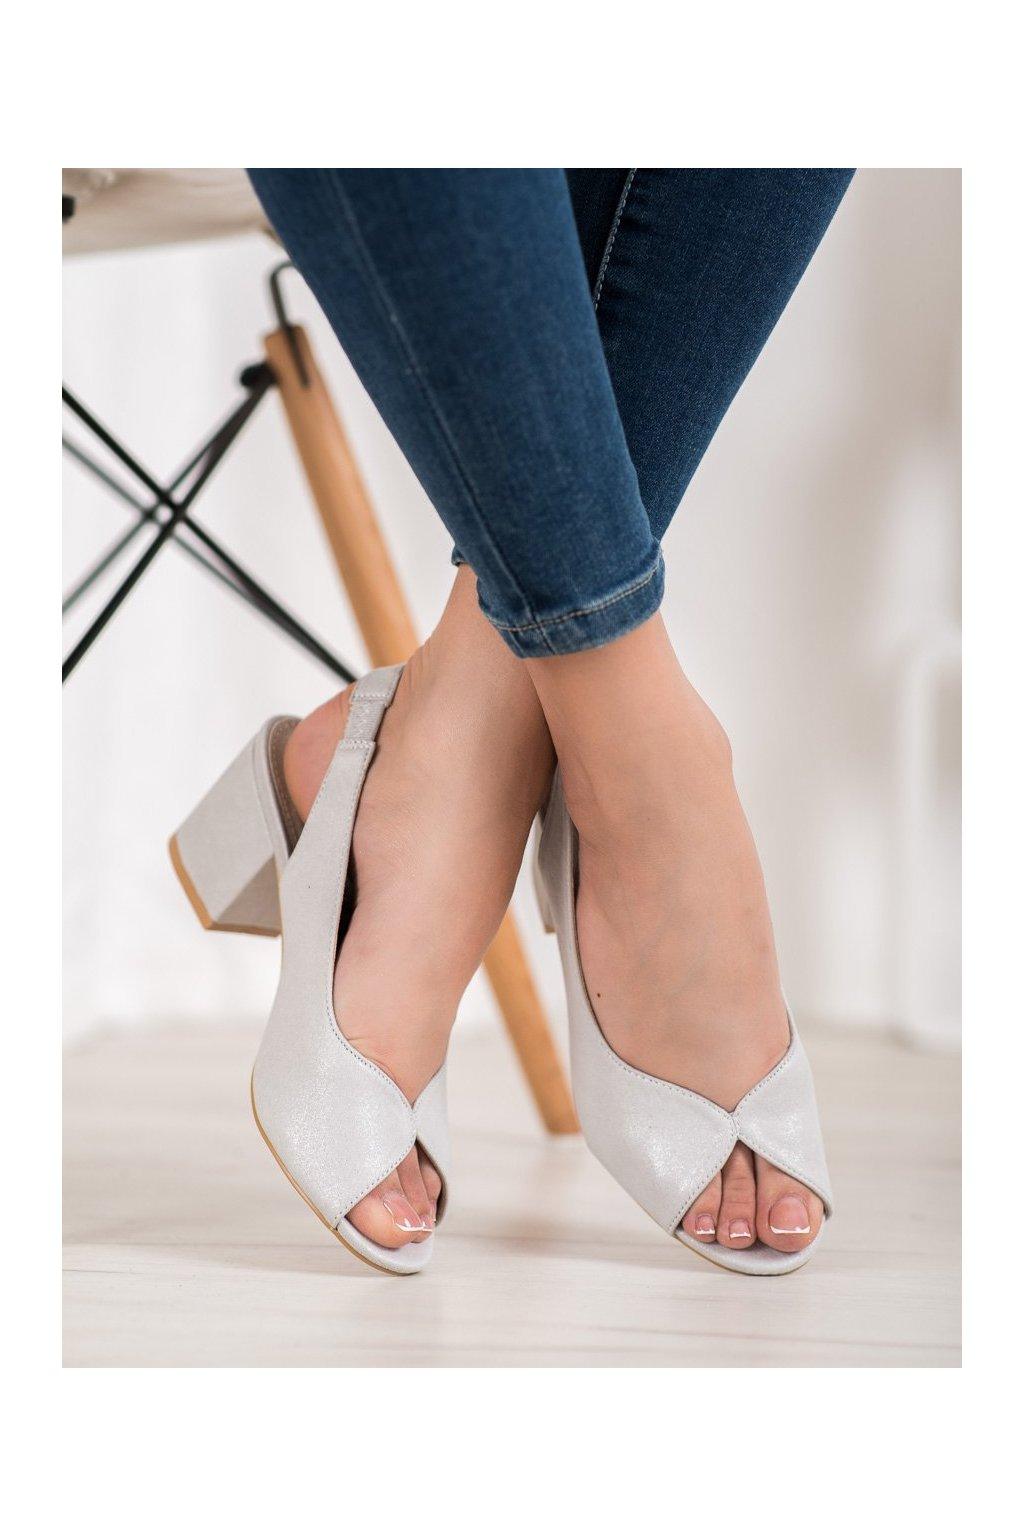 Sivé sandále Filippo kod DS1277/20S